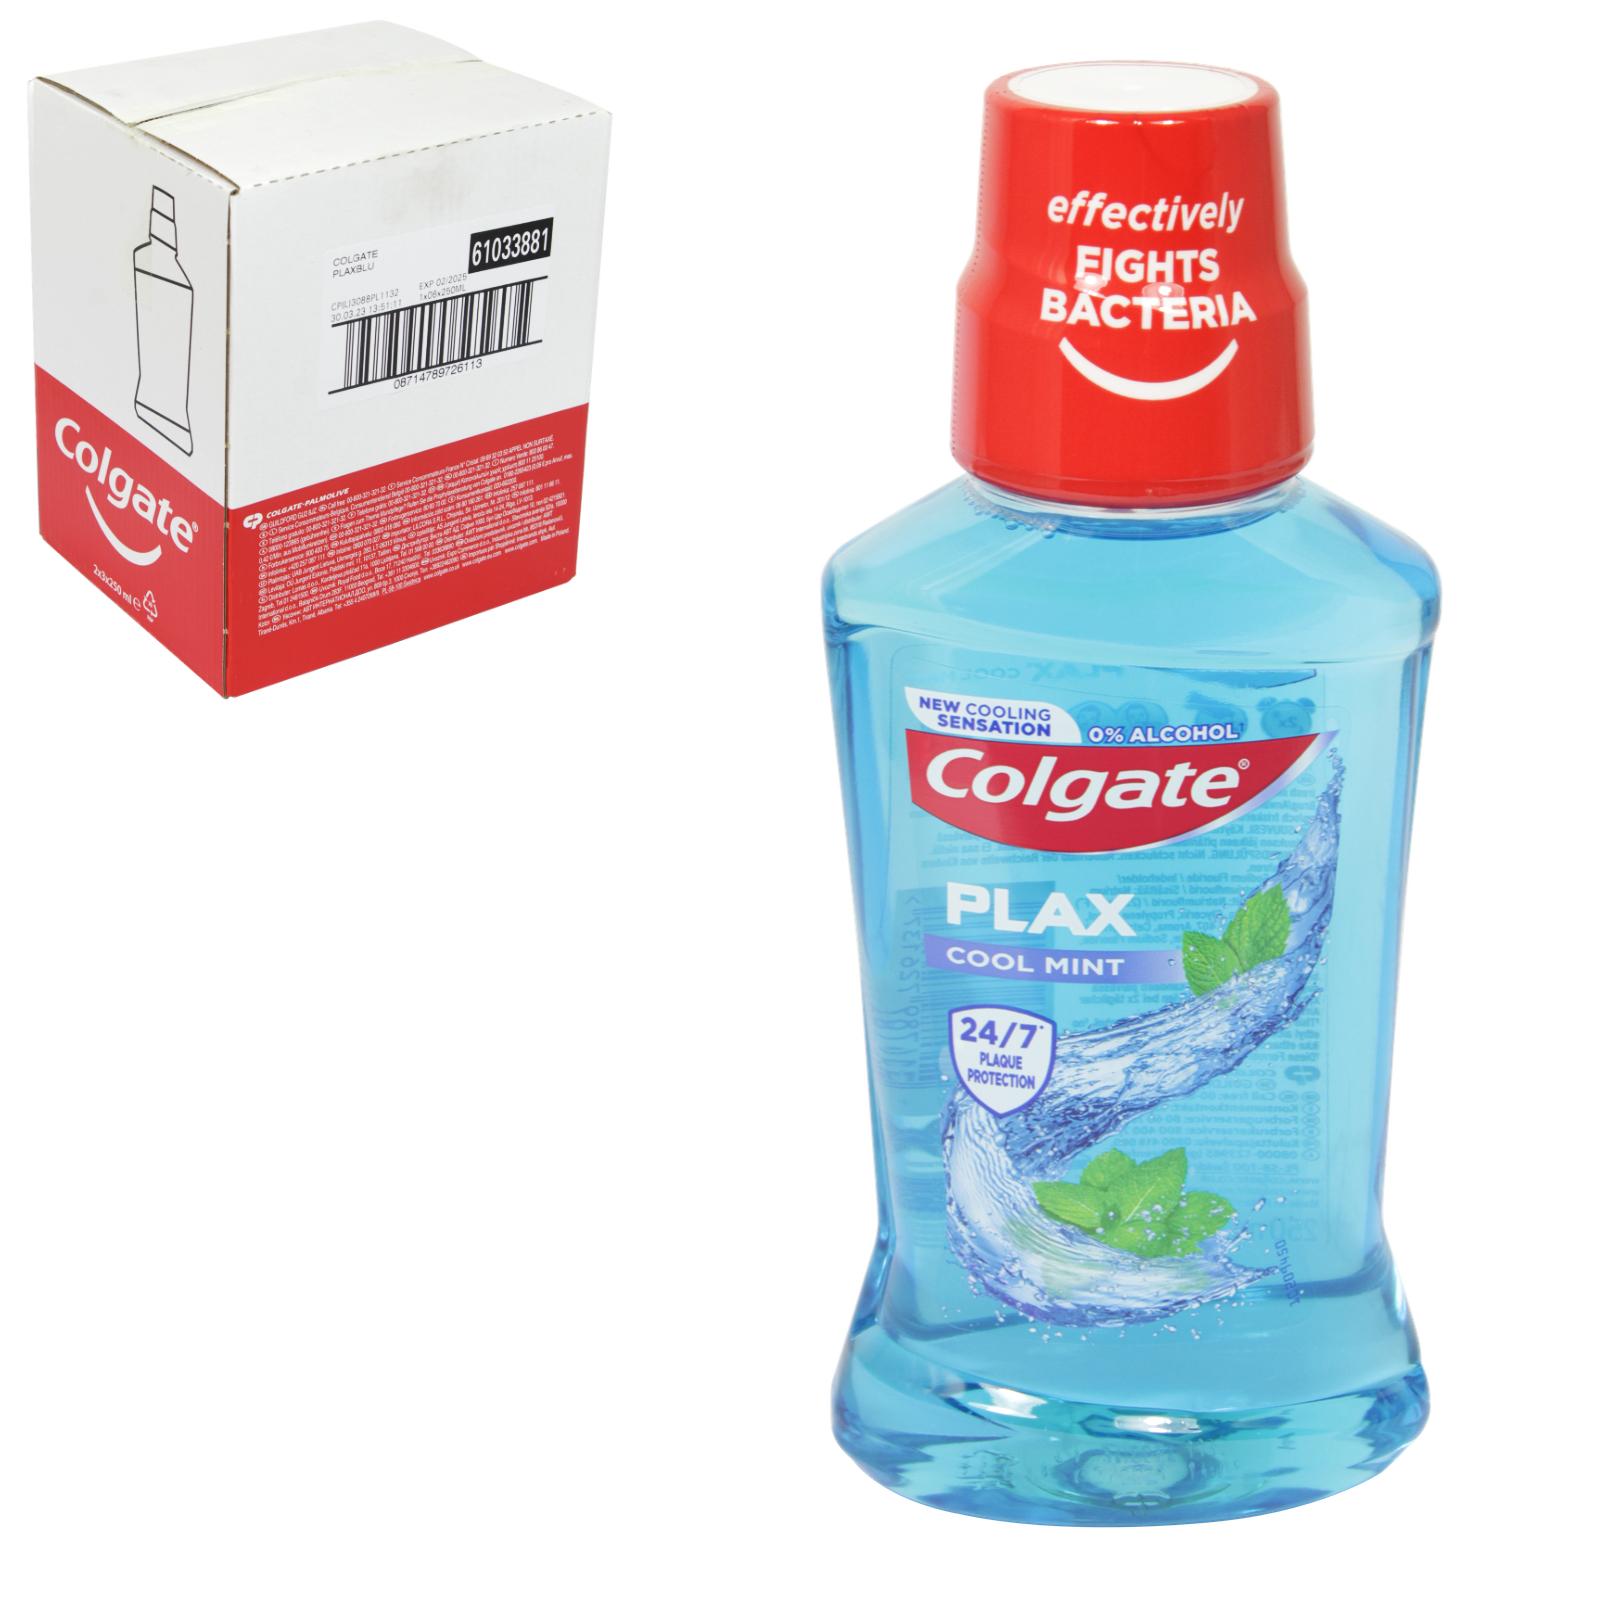 COLGATE PLAX MOUTHWASH 250ML COOL MINT BLUE X6